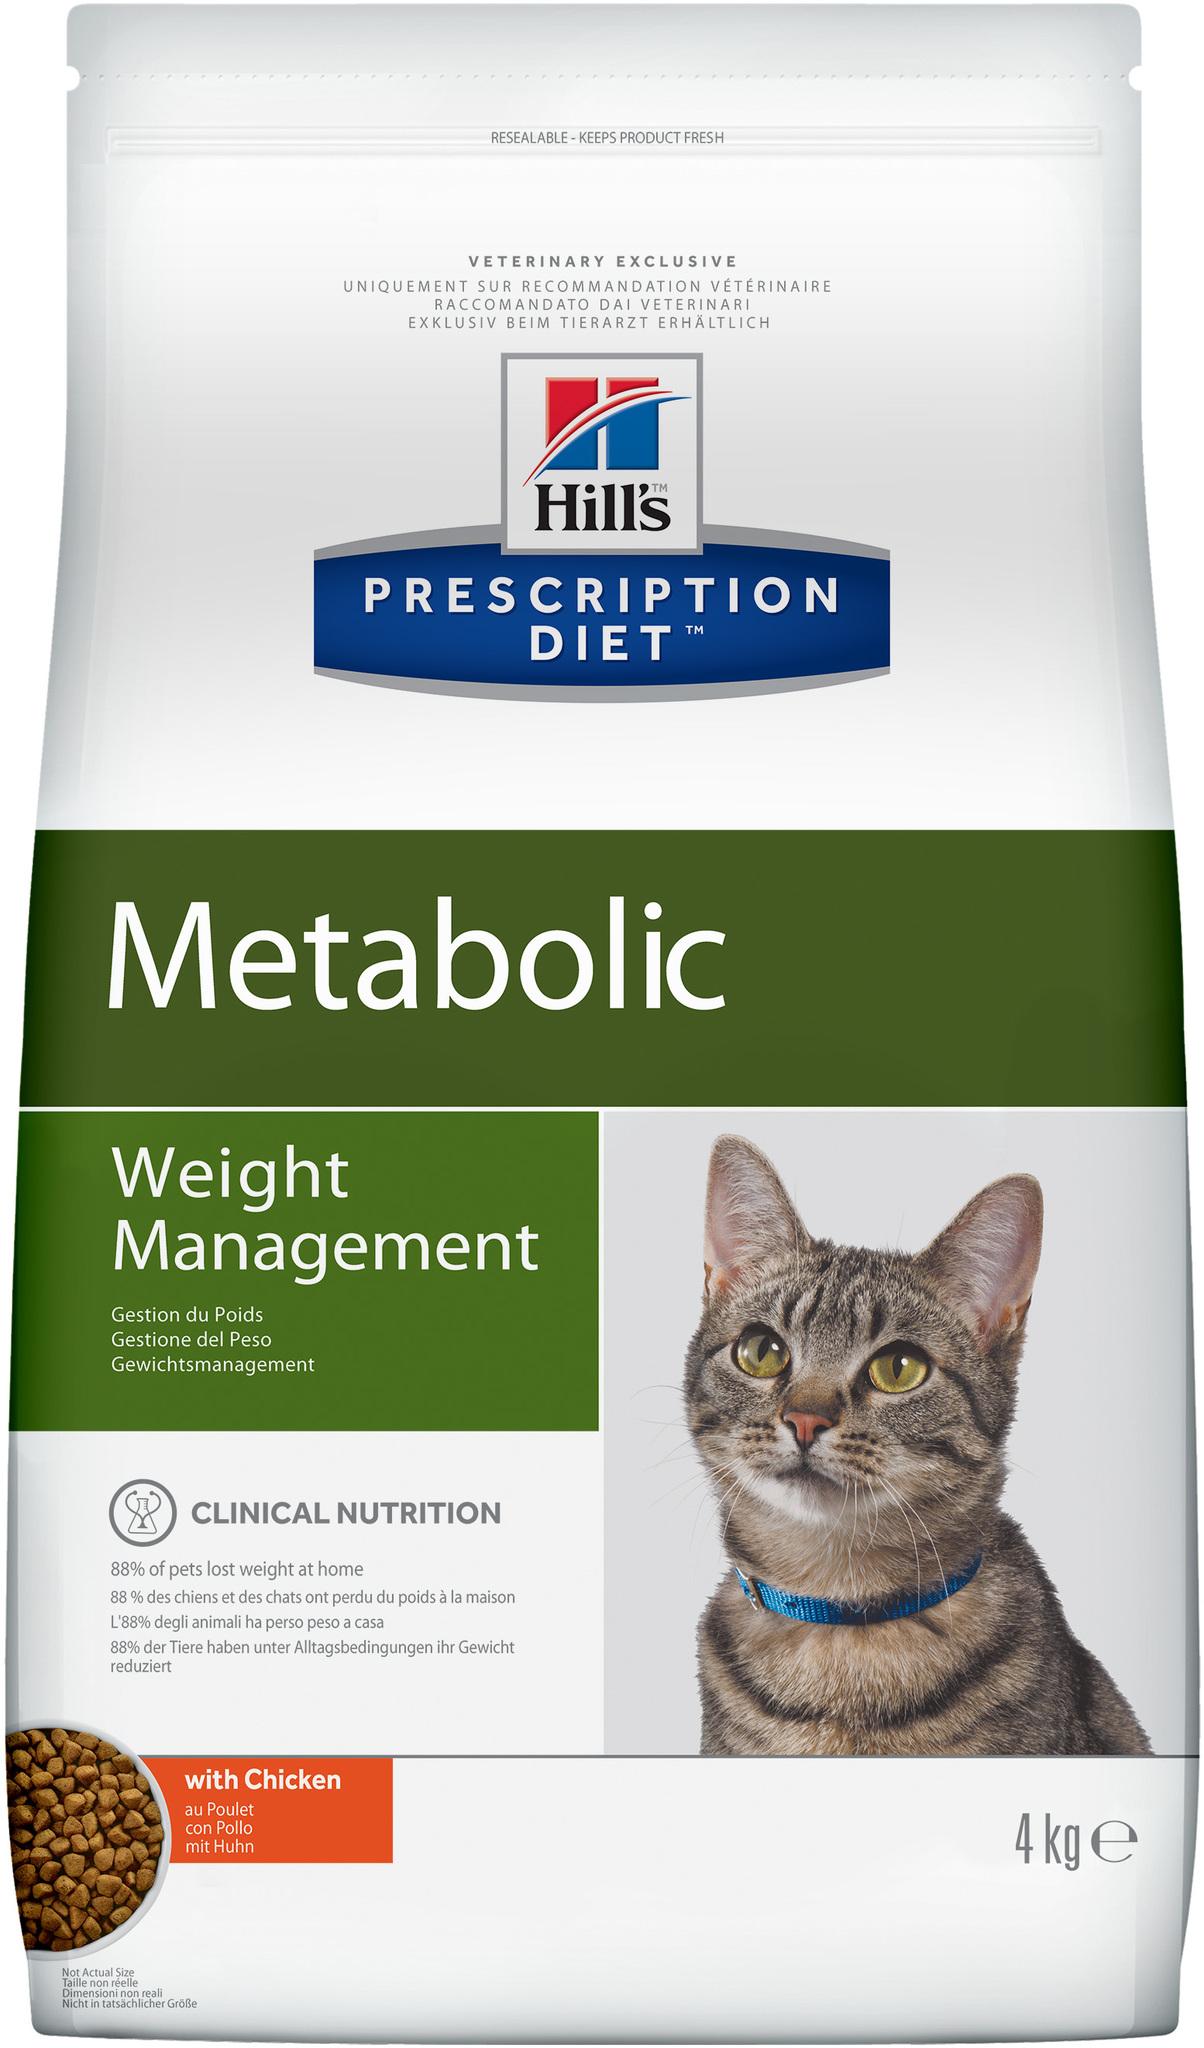 купить хиллс Hill's™ Prescription Diet™ Feline Weight Managemen wiht Chicken сухой корм для взрослых кошек, диетический рацион для коррекции веса 4 кг